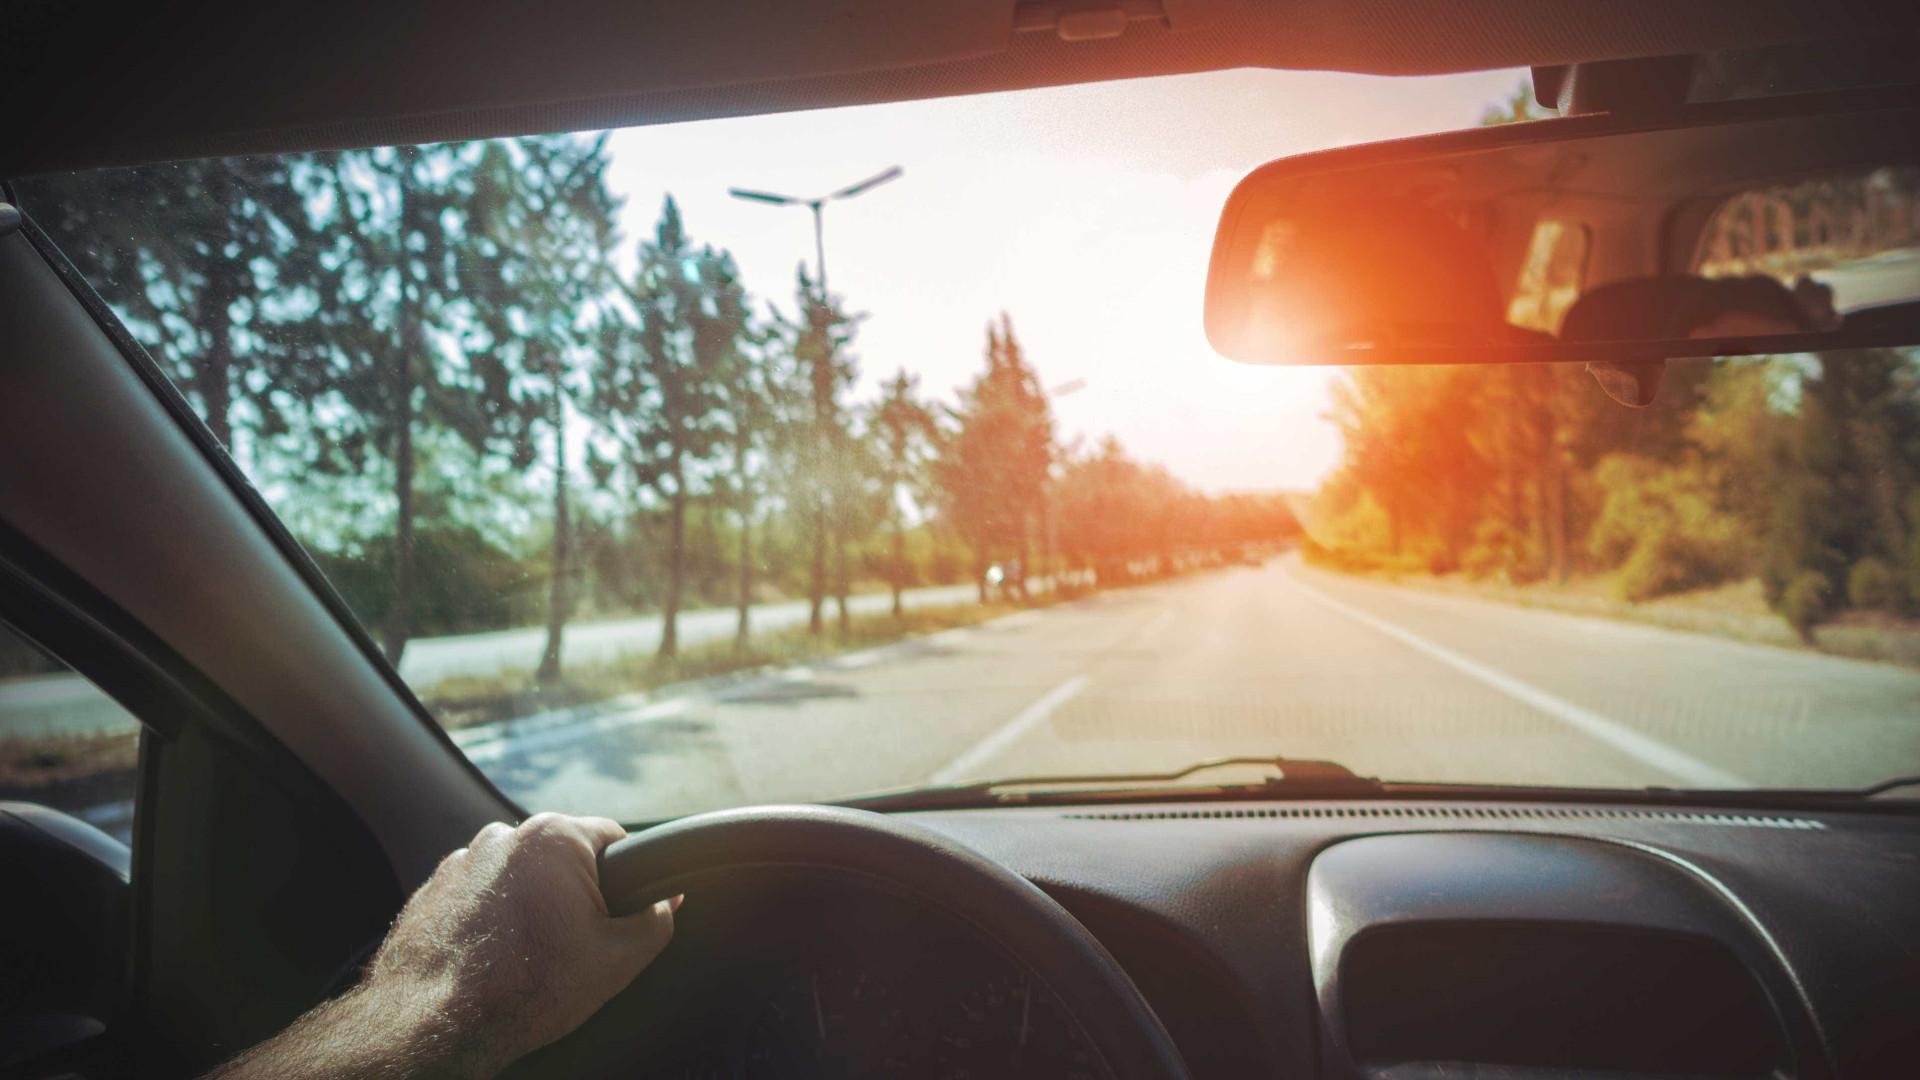 Vai viajar? Siga estes conselhos e evite a fadiga ao volante